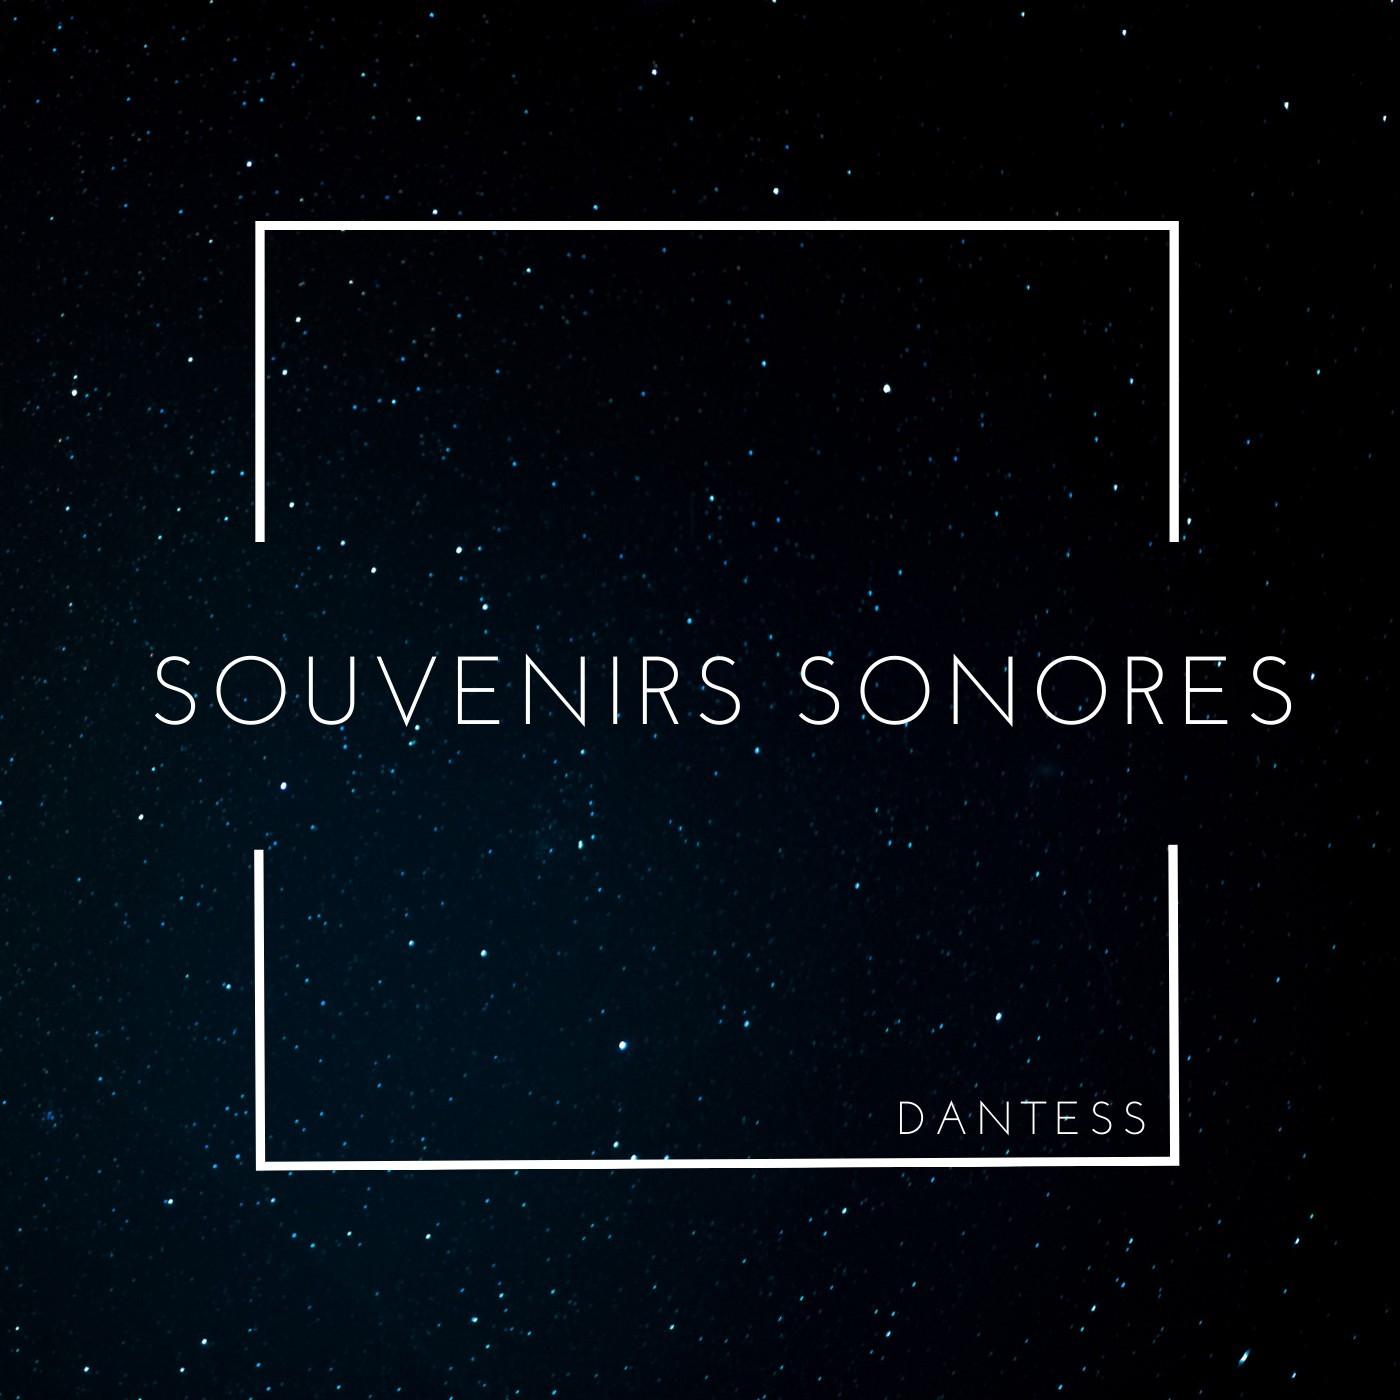 Souvenirs Sonores